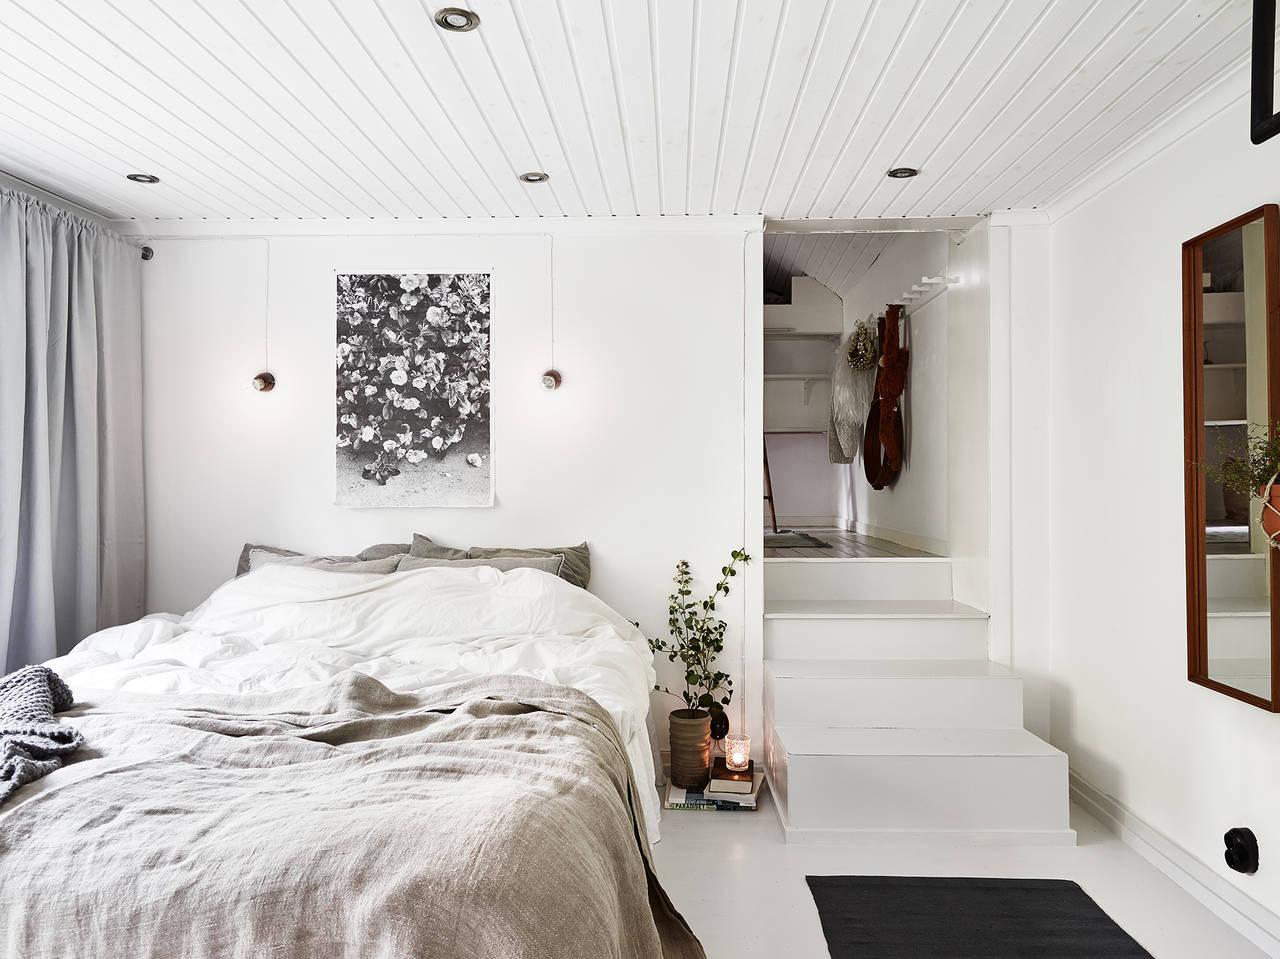 09-decoracion-dormitorios